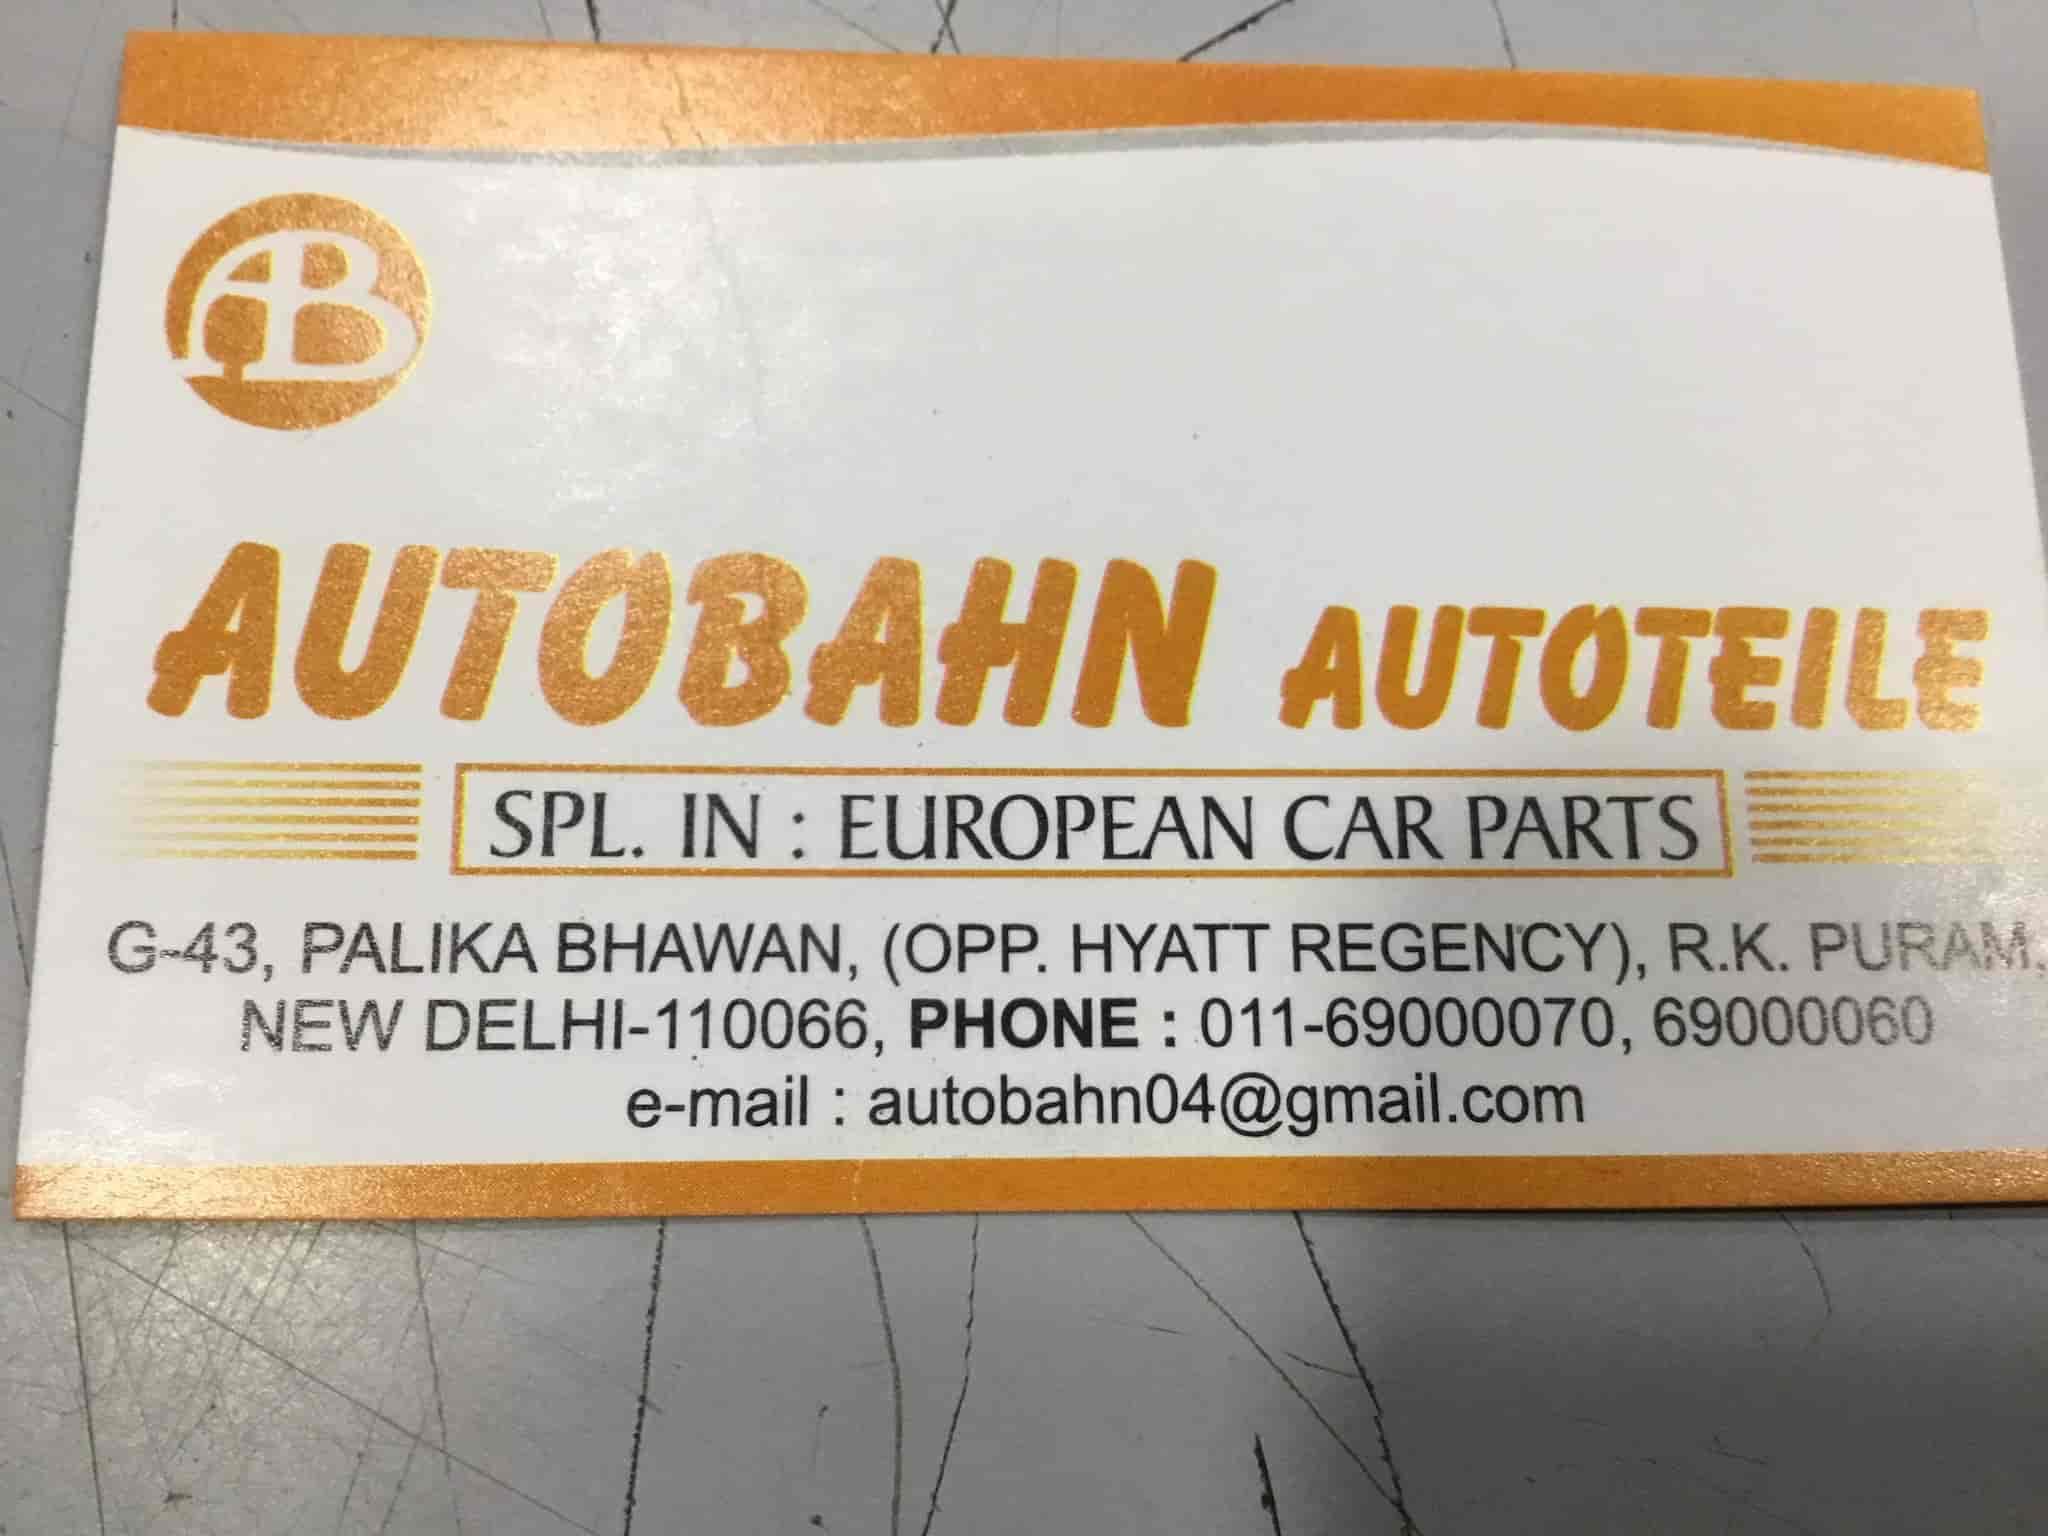 Autobahn Autoteile Photos, R K Puram West, Delhi- Pictures & Images ...